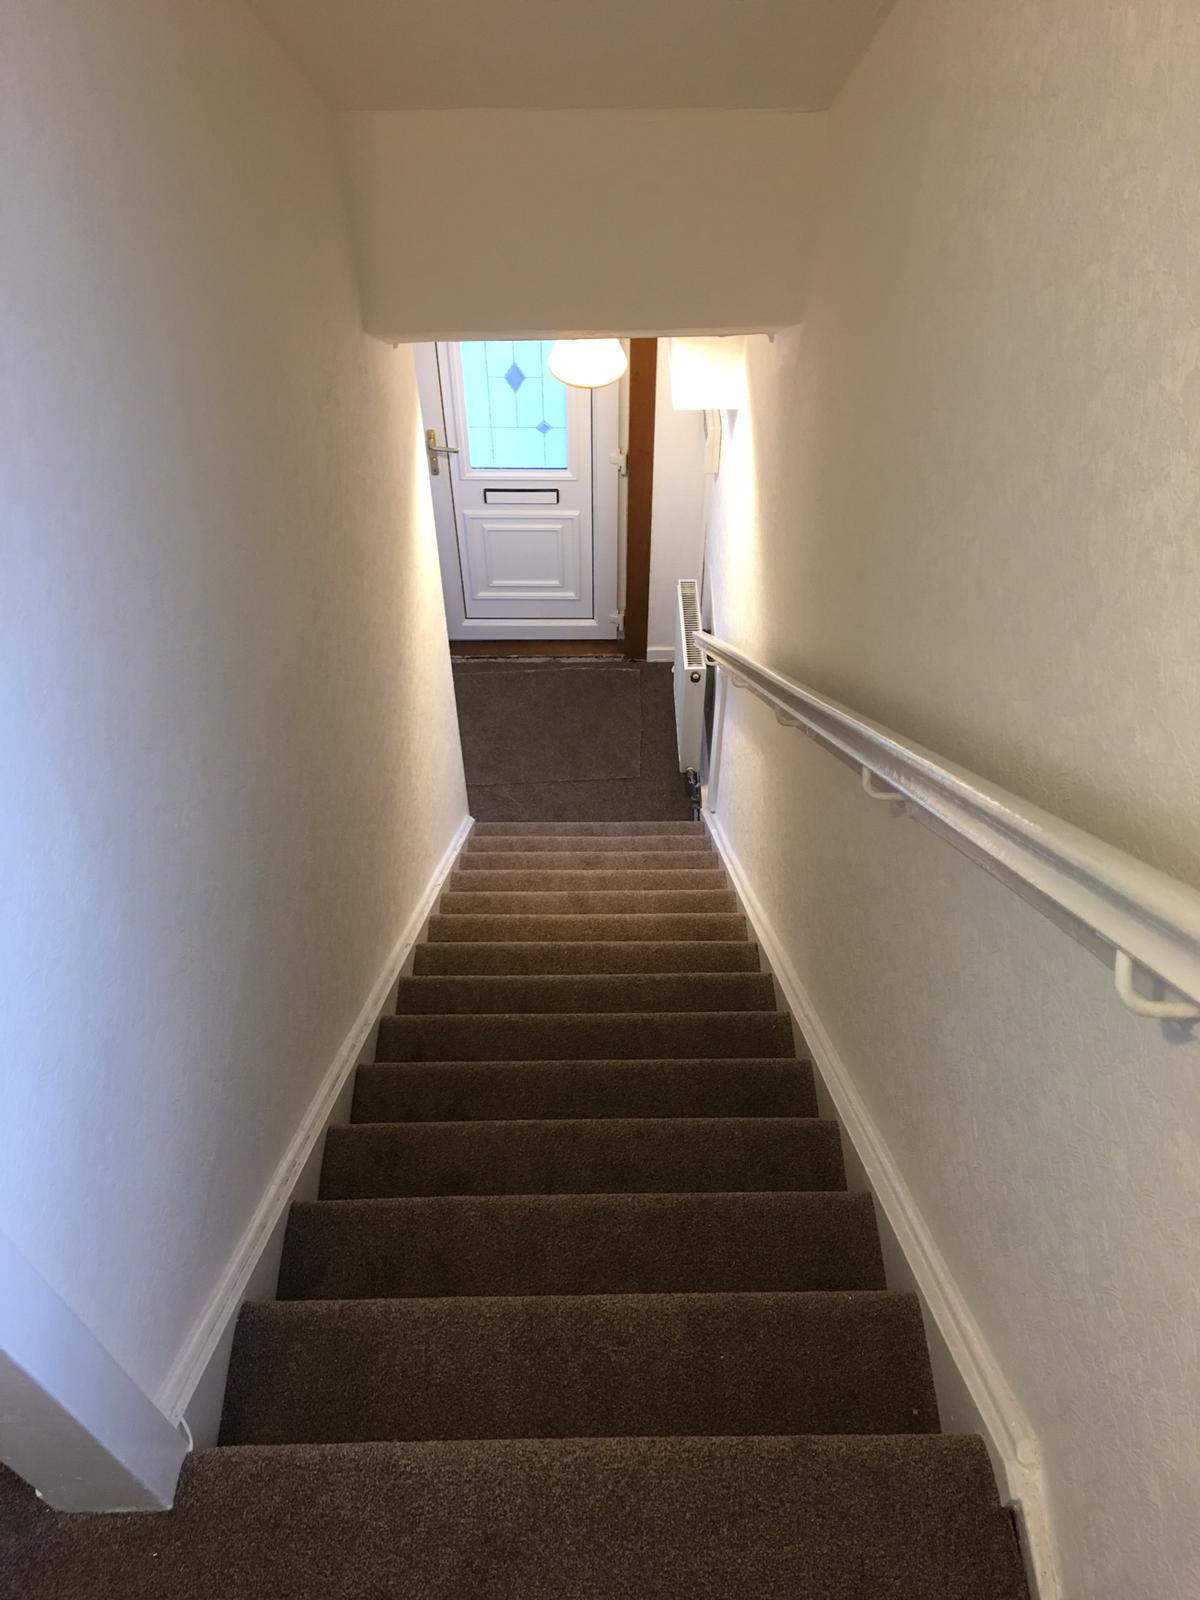 144 Wedderburn Crescent, Dunfermline